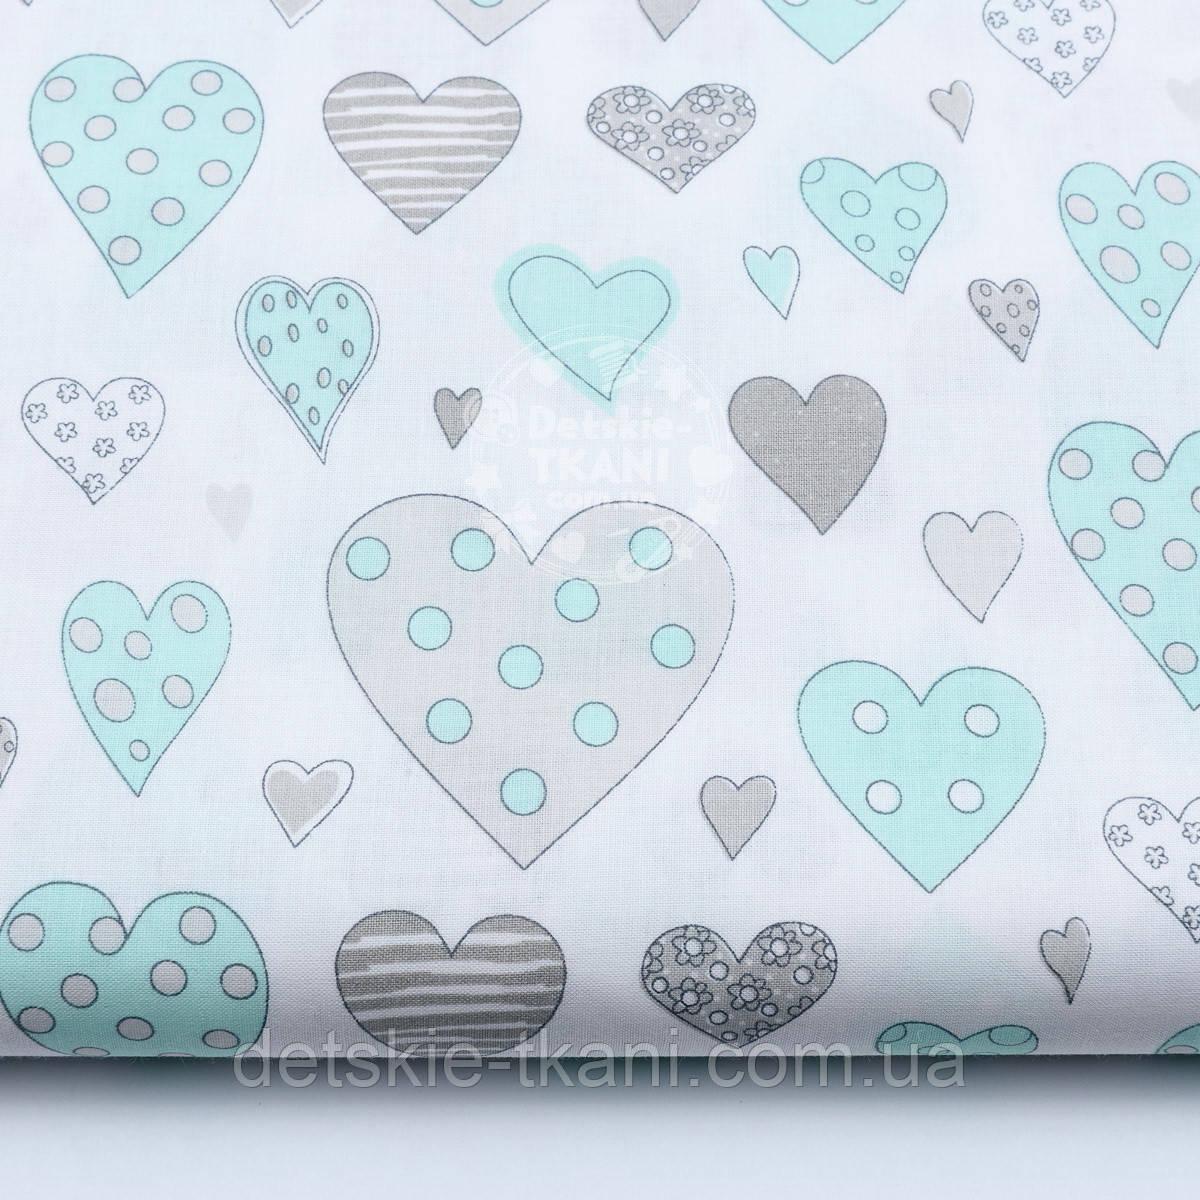 Ткань бязь с сердечками серого и мятного цвета разного размера  на белом (№1657а)